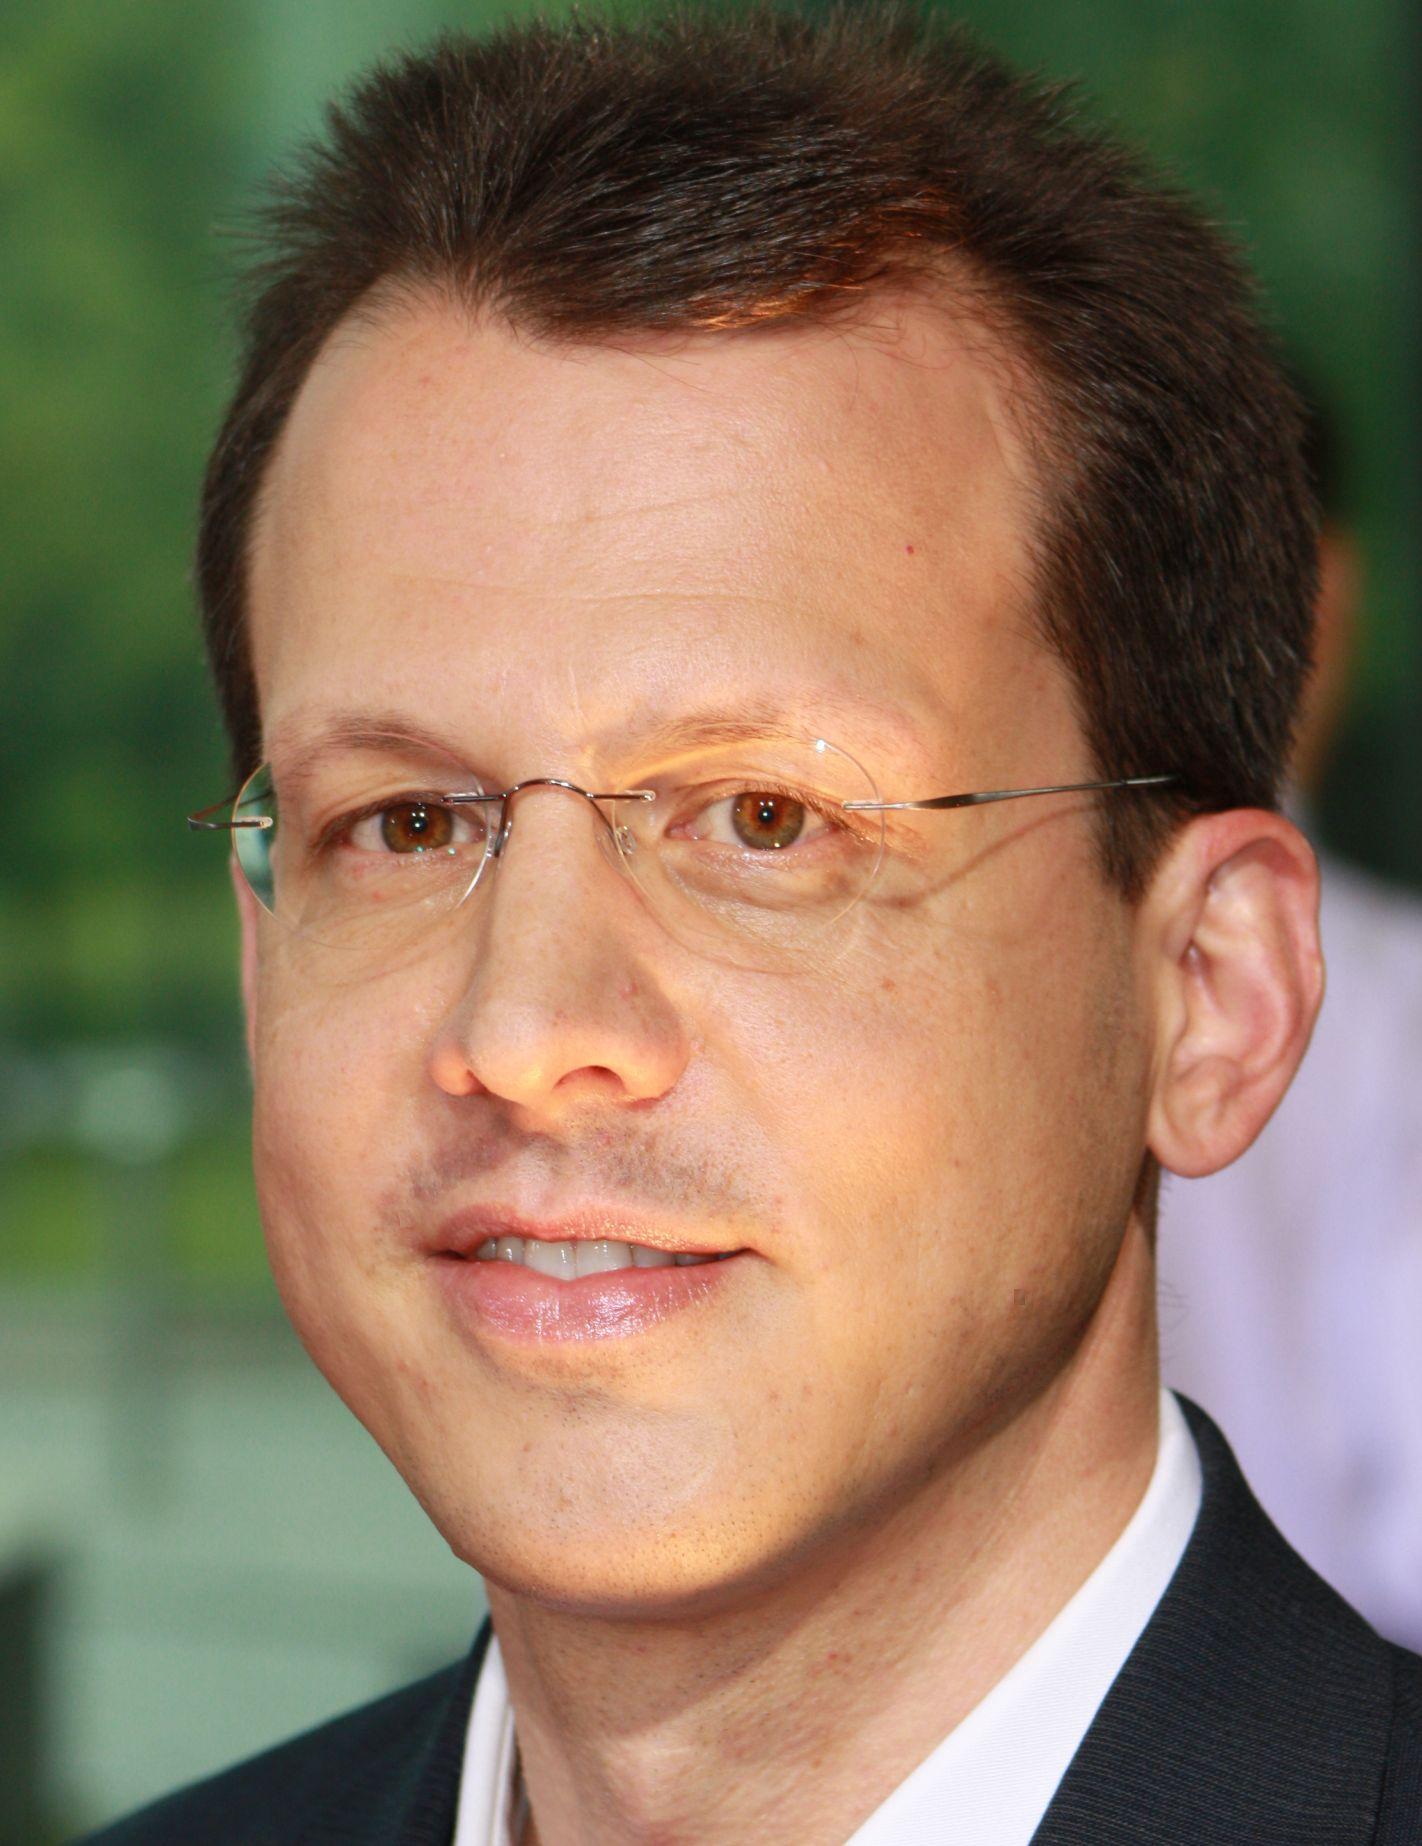 Andre Wiesmann